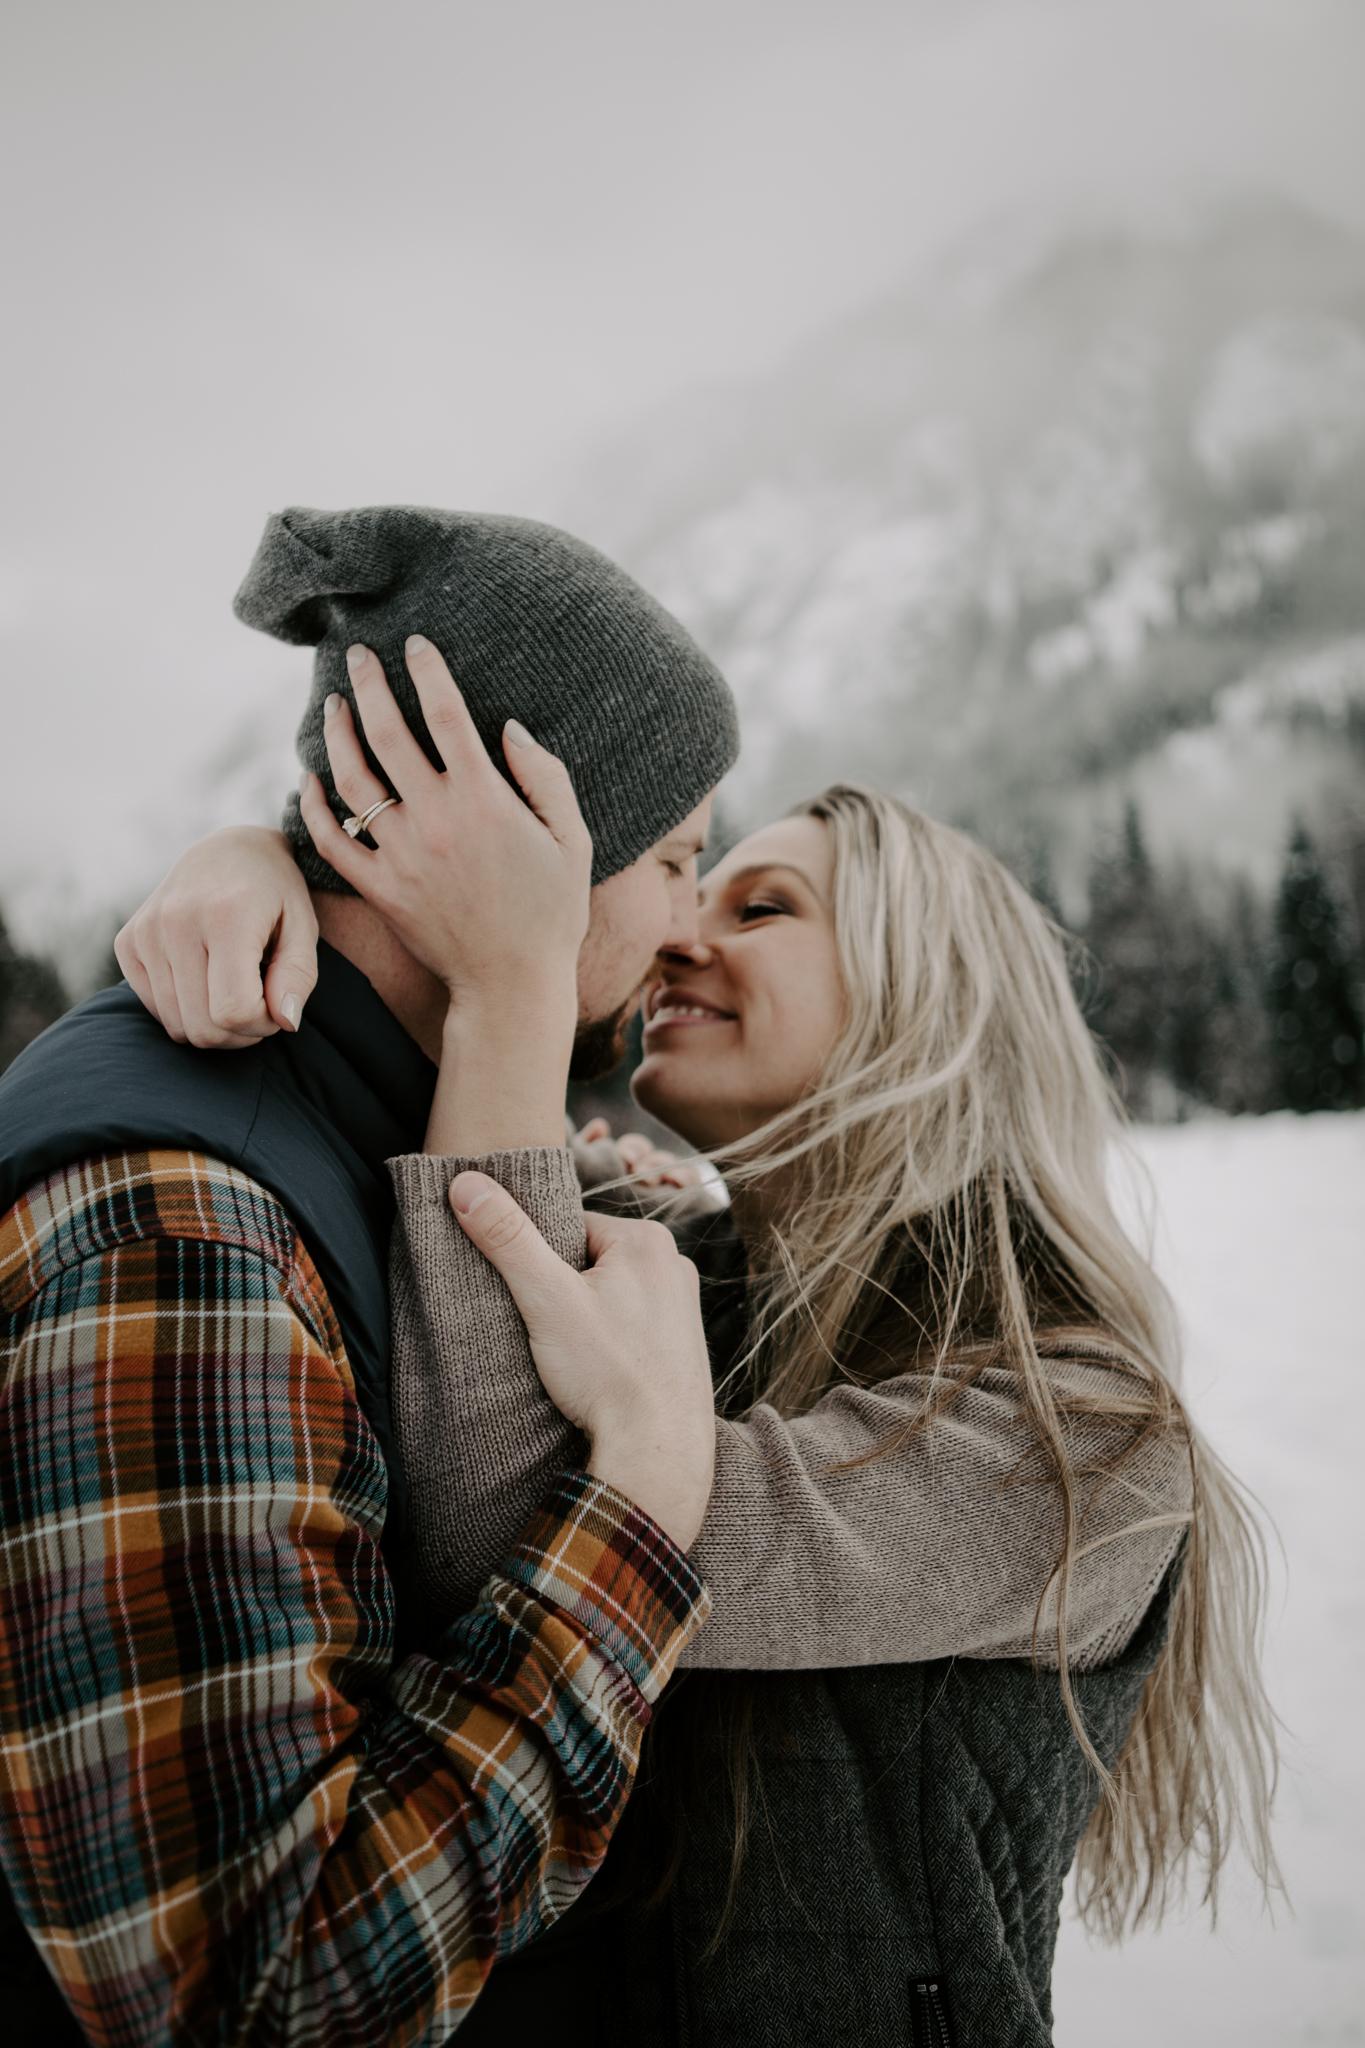 Alpine Northwest Photography Workshop